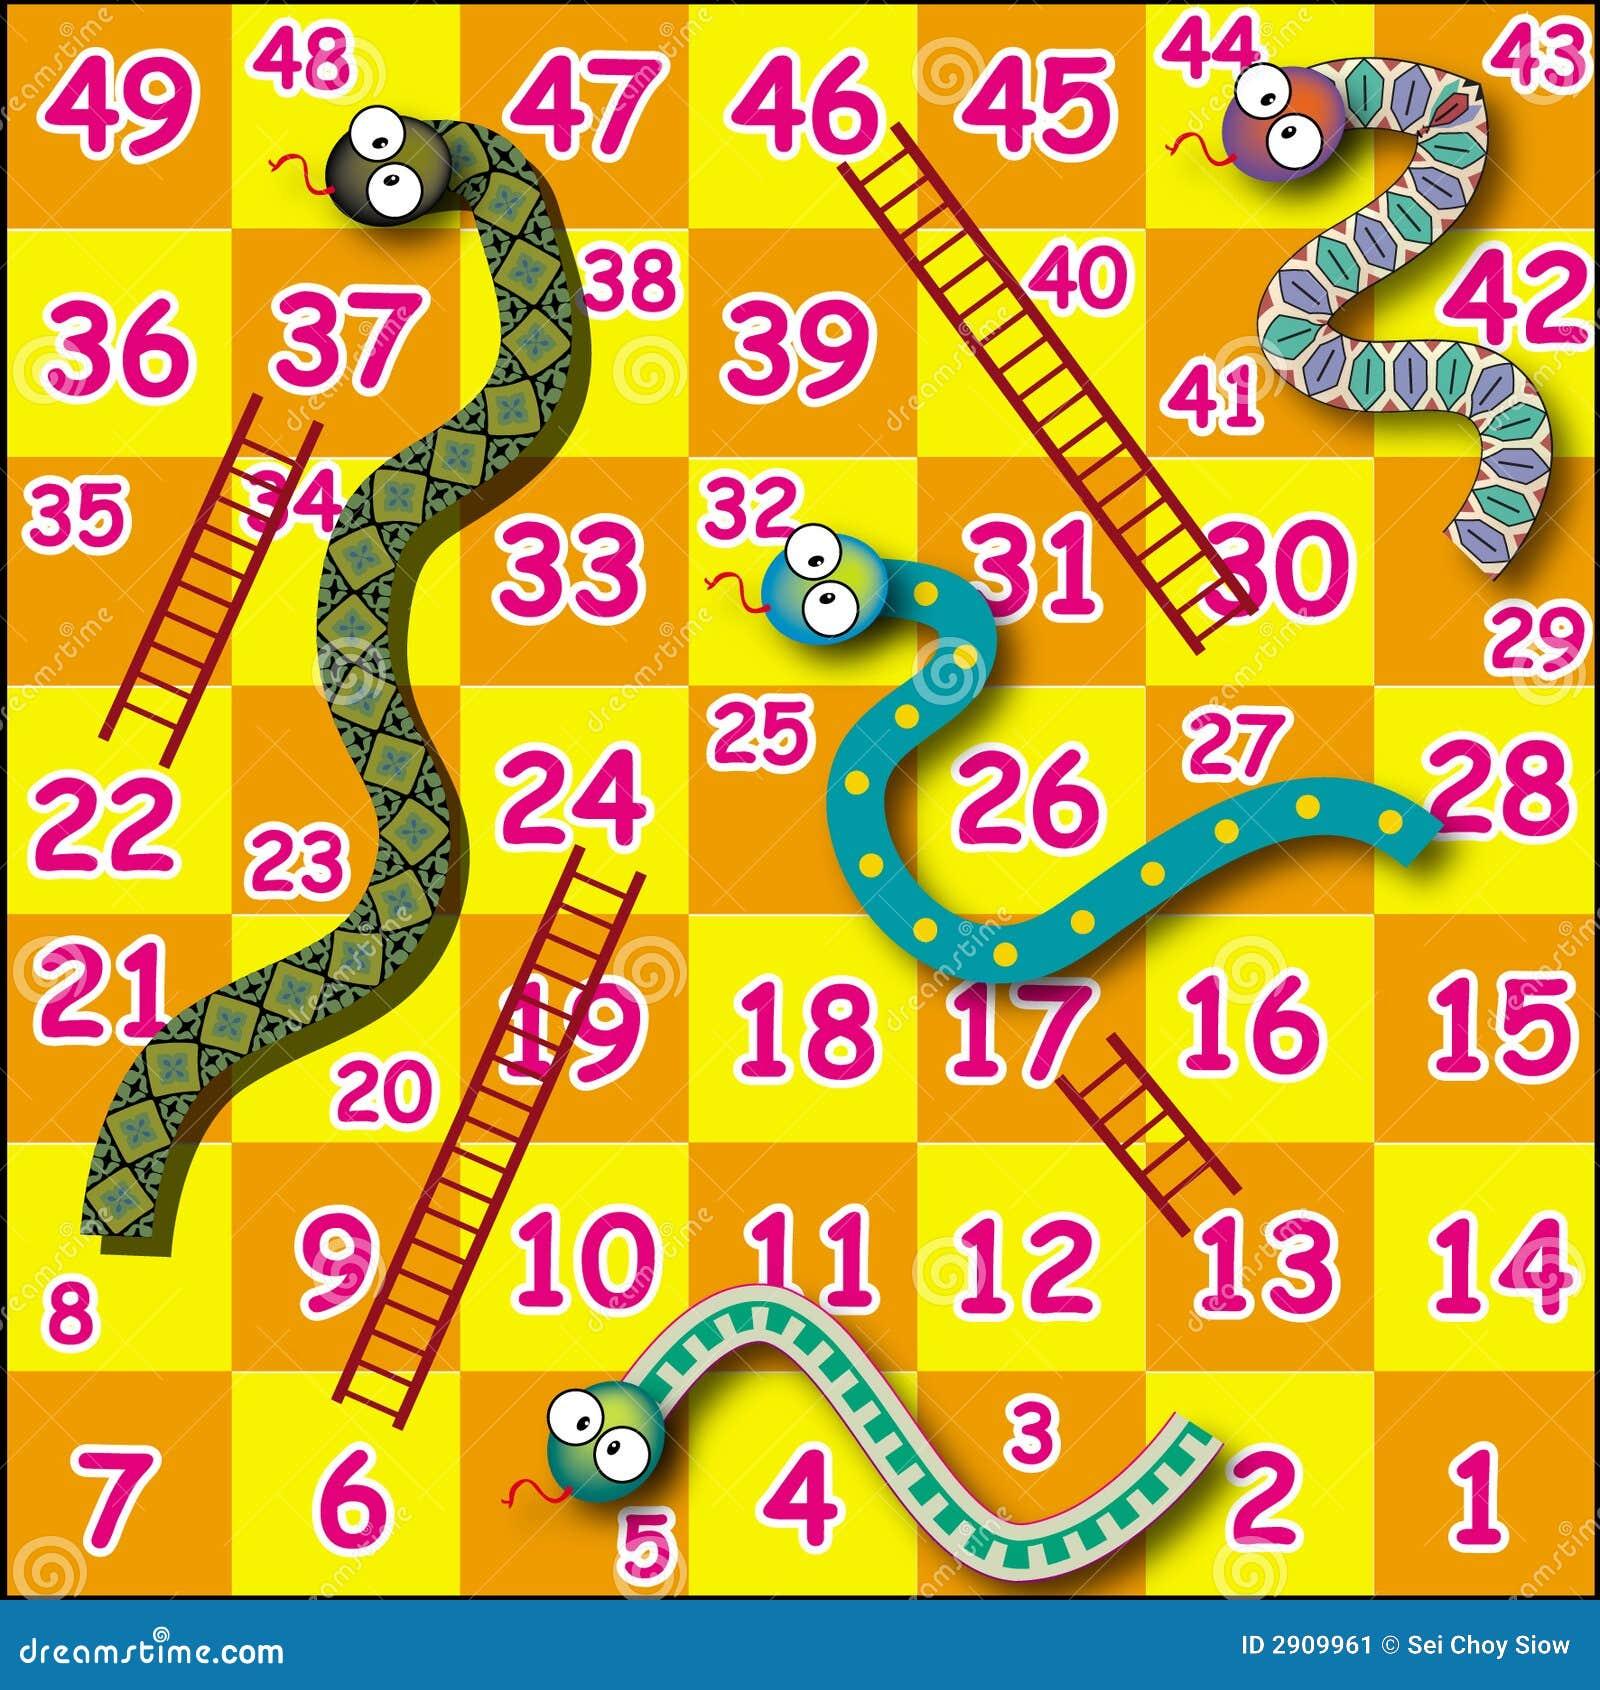 Gioco del serpente gratis